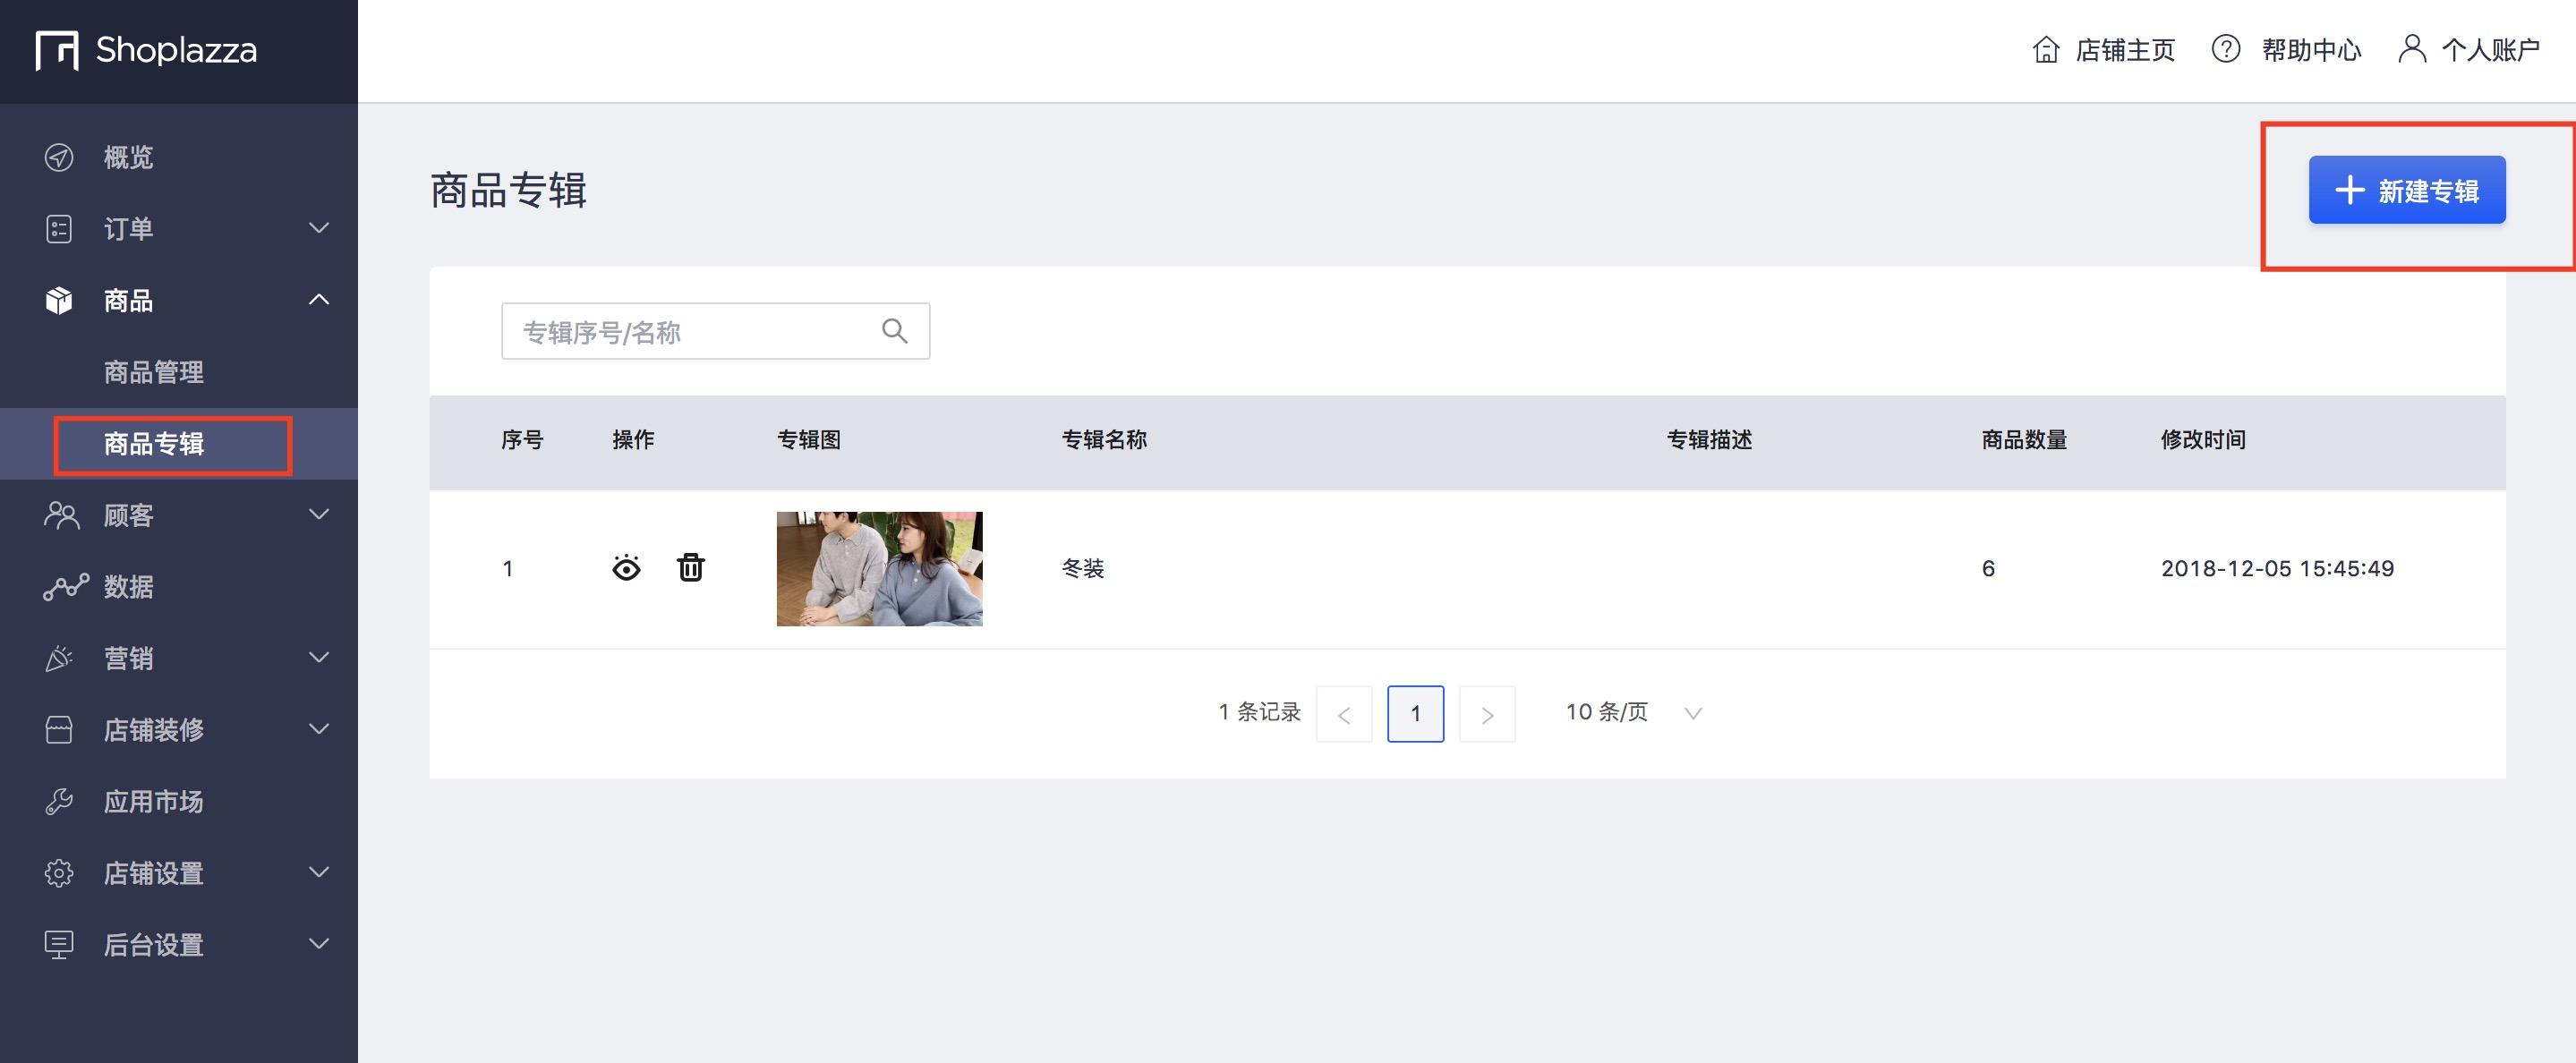 独立站店铺商品专辑功能介绍